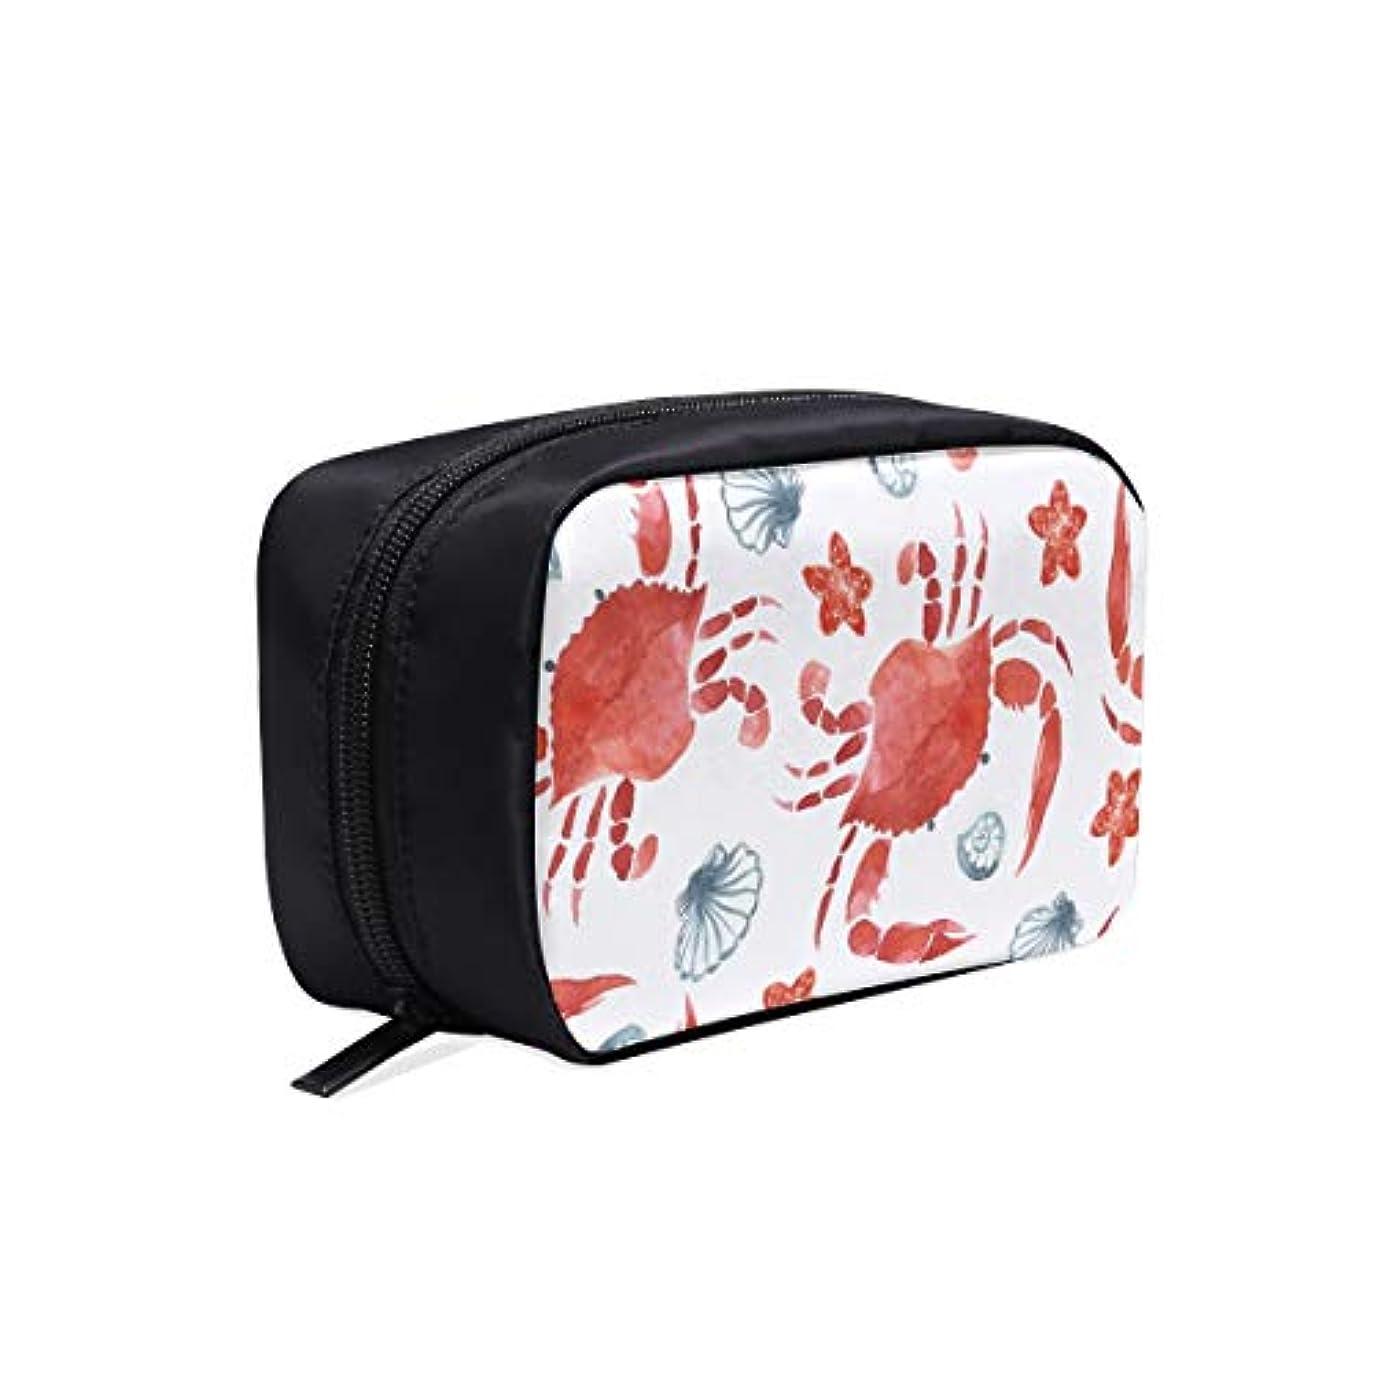 ジョリービジョン階DMHYJ メイクポーチ カニ ボックス コスメ収納 化粧品収納ケース 大容量 収納 化粧品入れ 化粧バッグ 旅行用 メイクブラシバッグ 化粧箱 持ち運び便利 プロ用